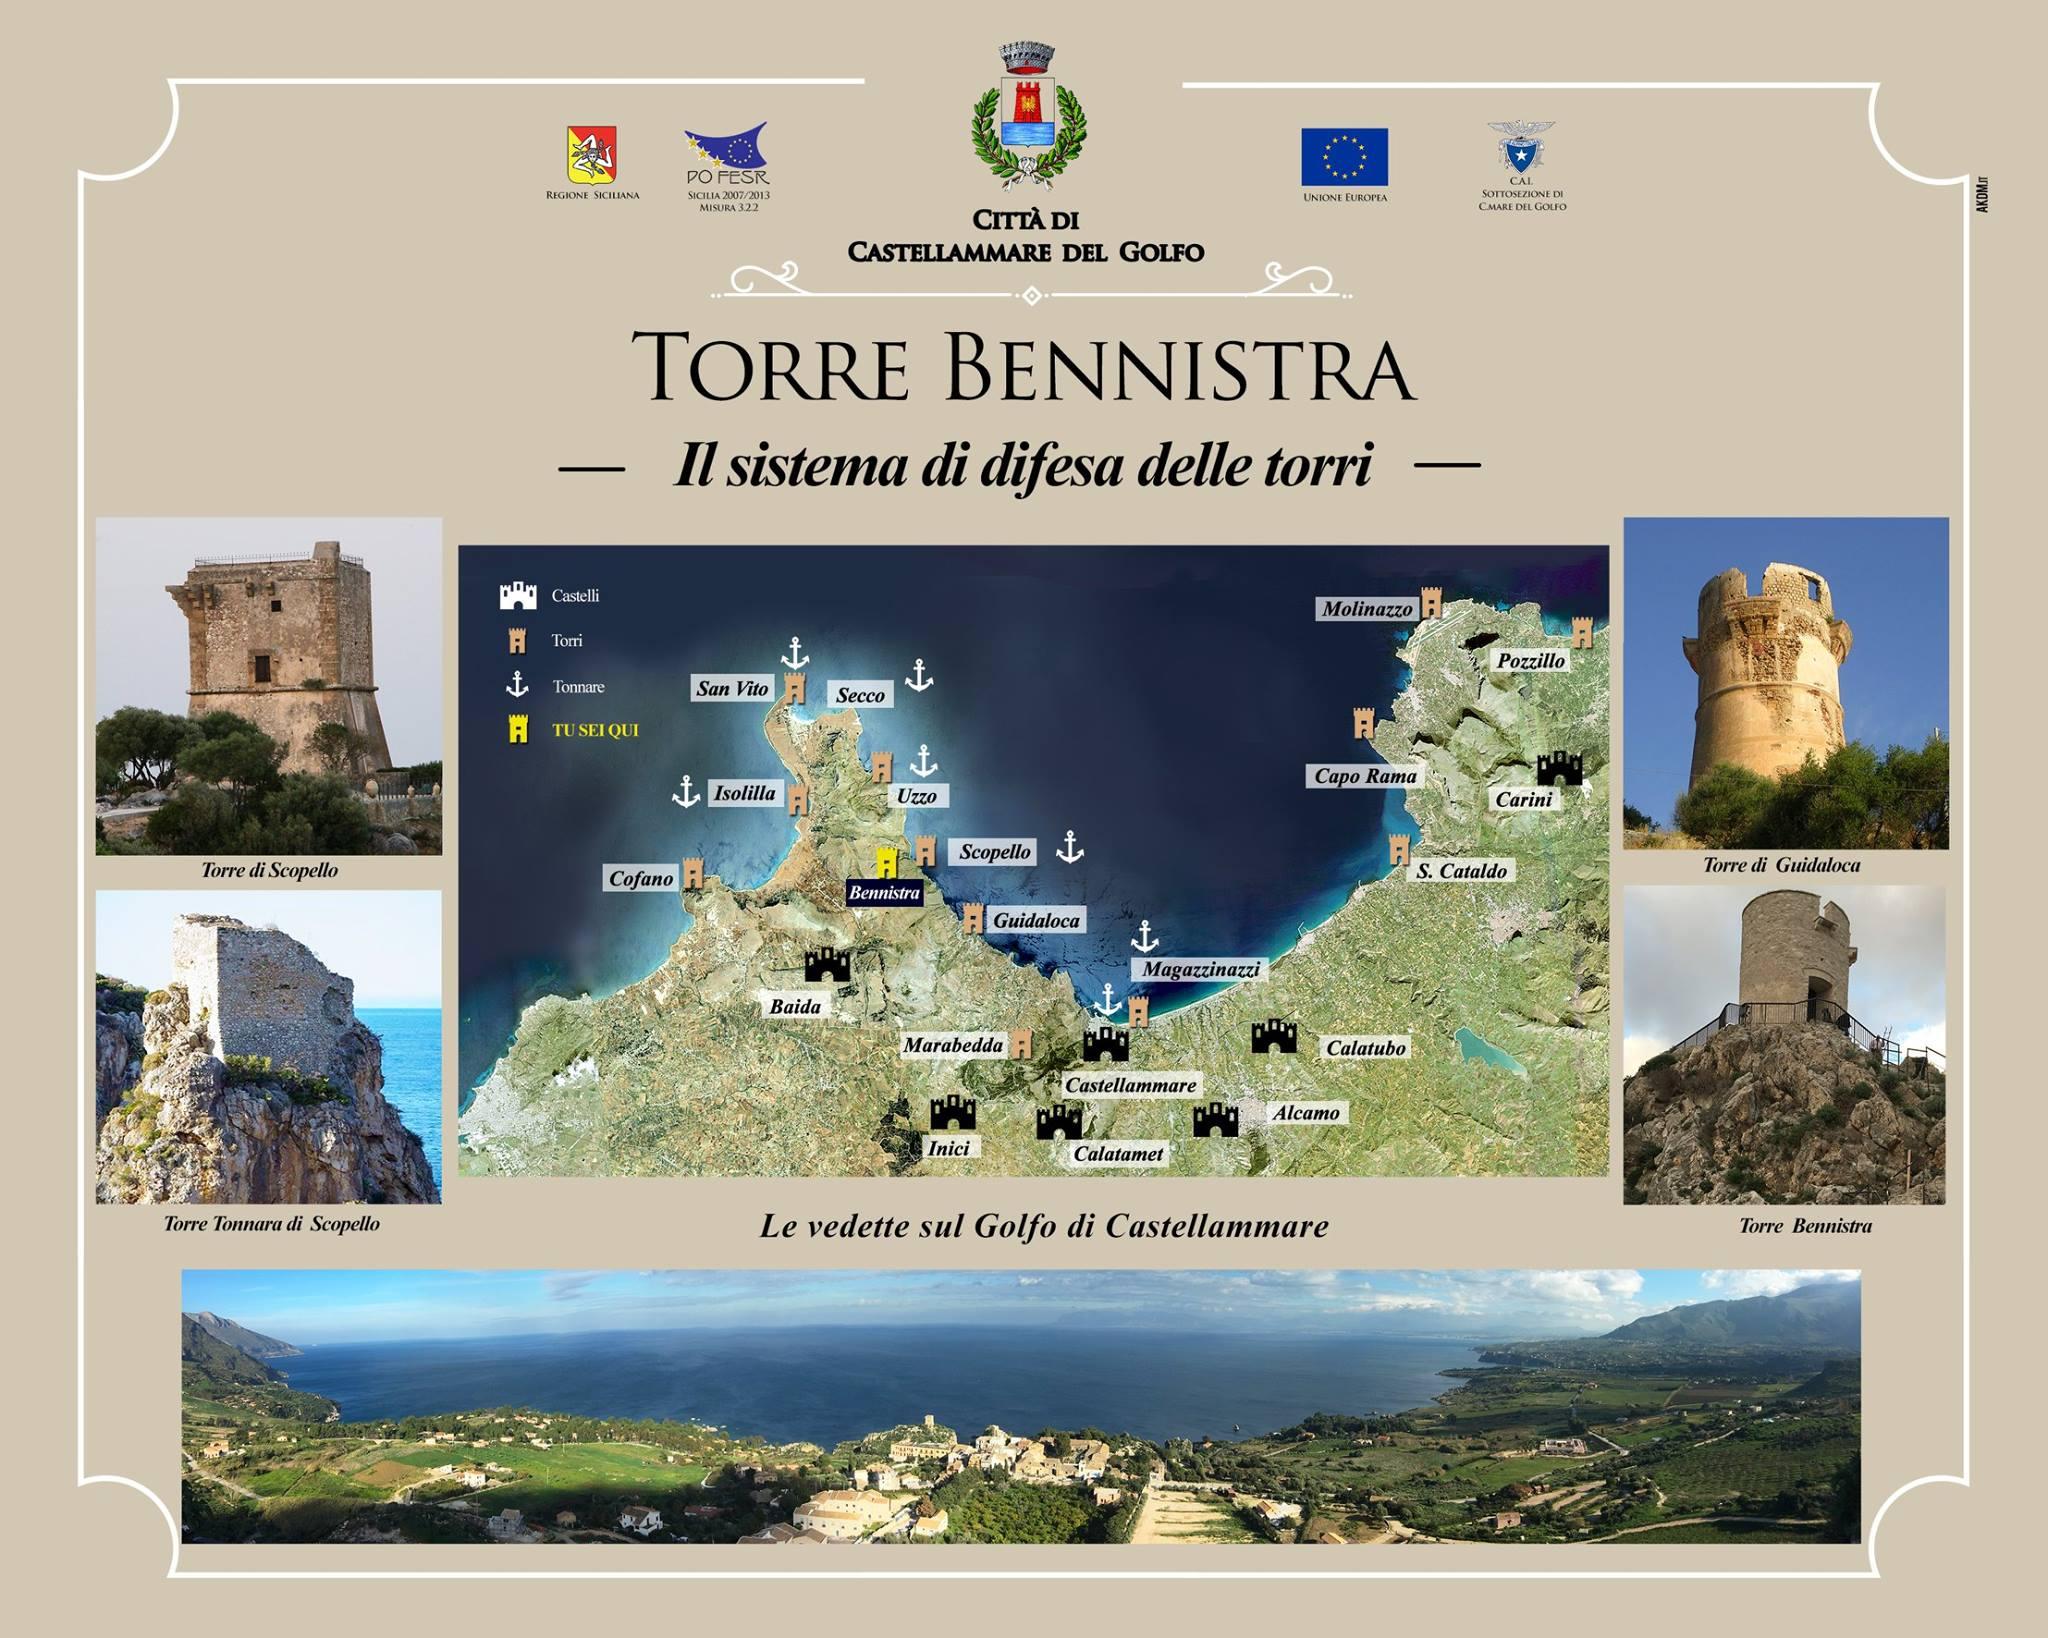 Torre Bennistra